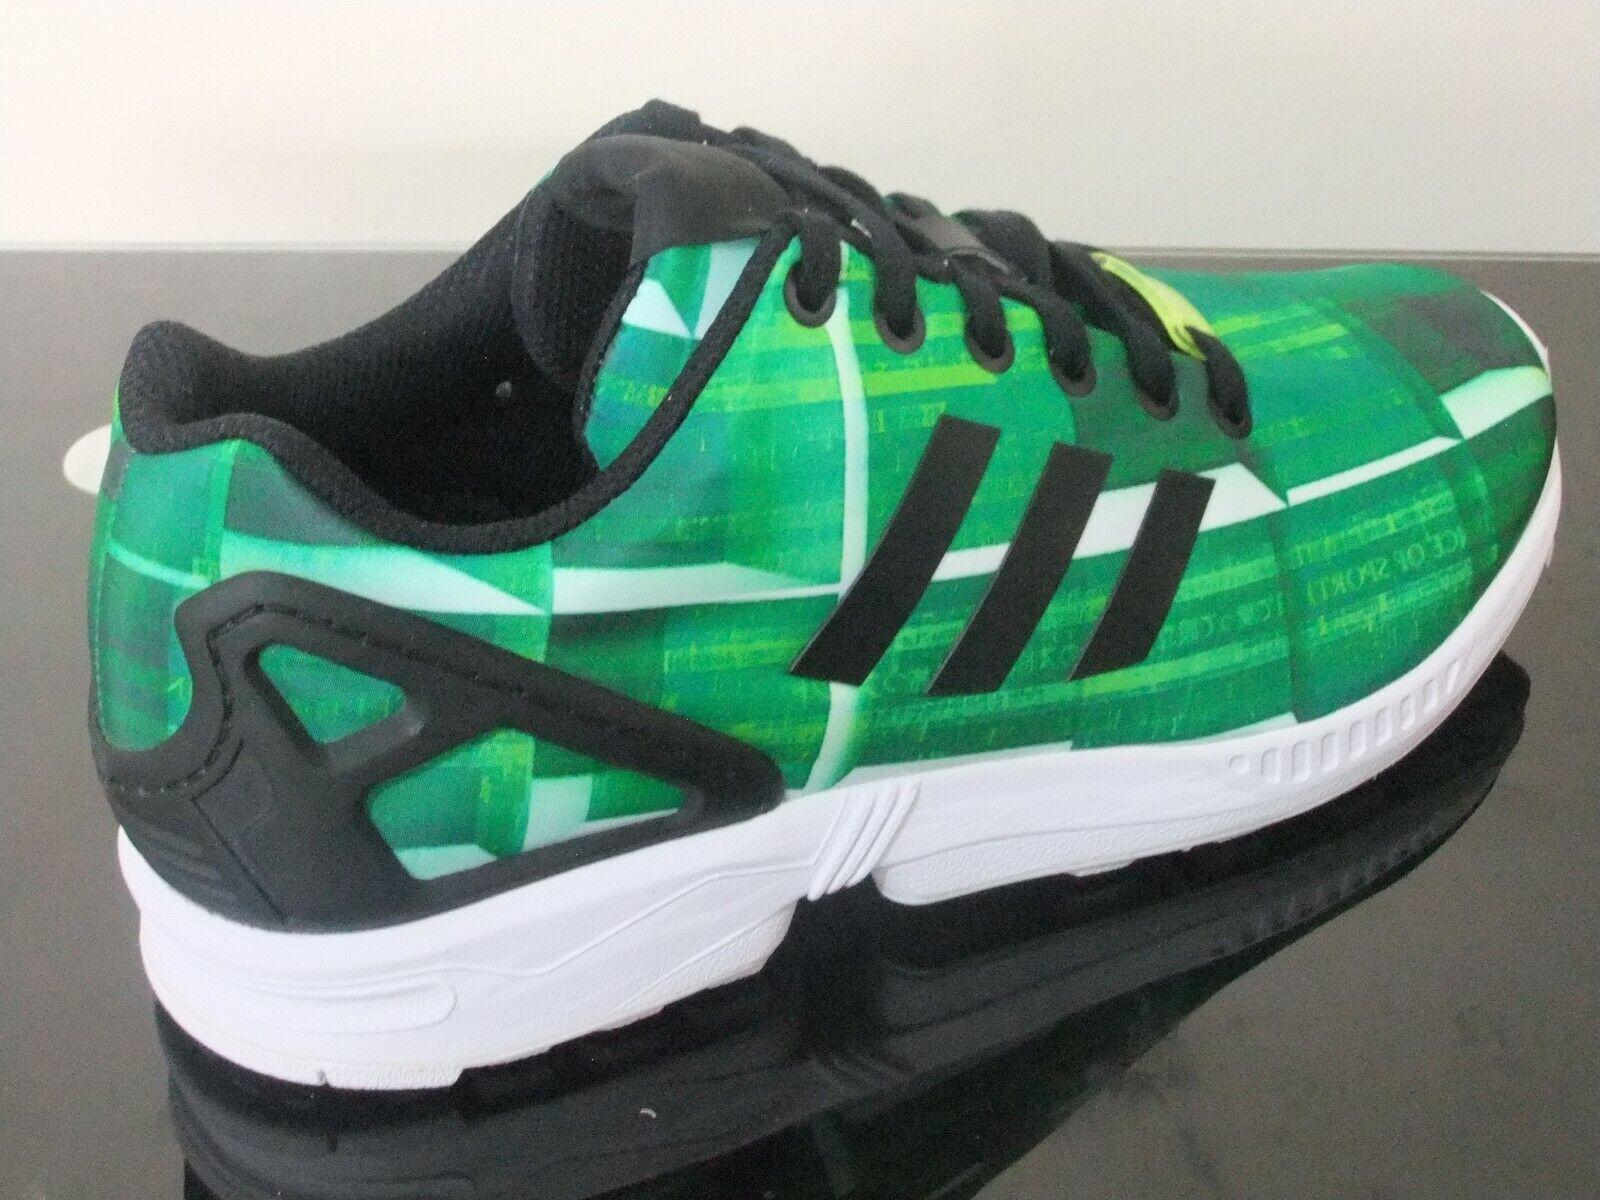 Adidas Zx Flussmittel Herren Turnschuhe UK Größe 7.5 S31619 Torsion